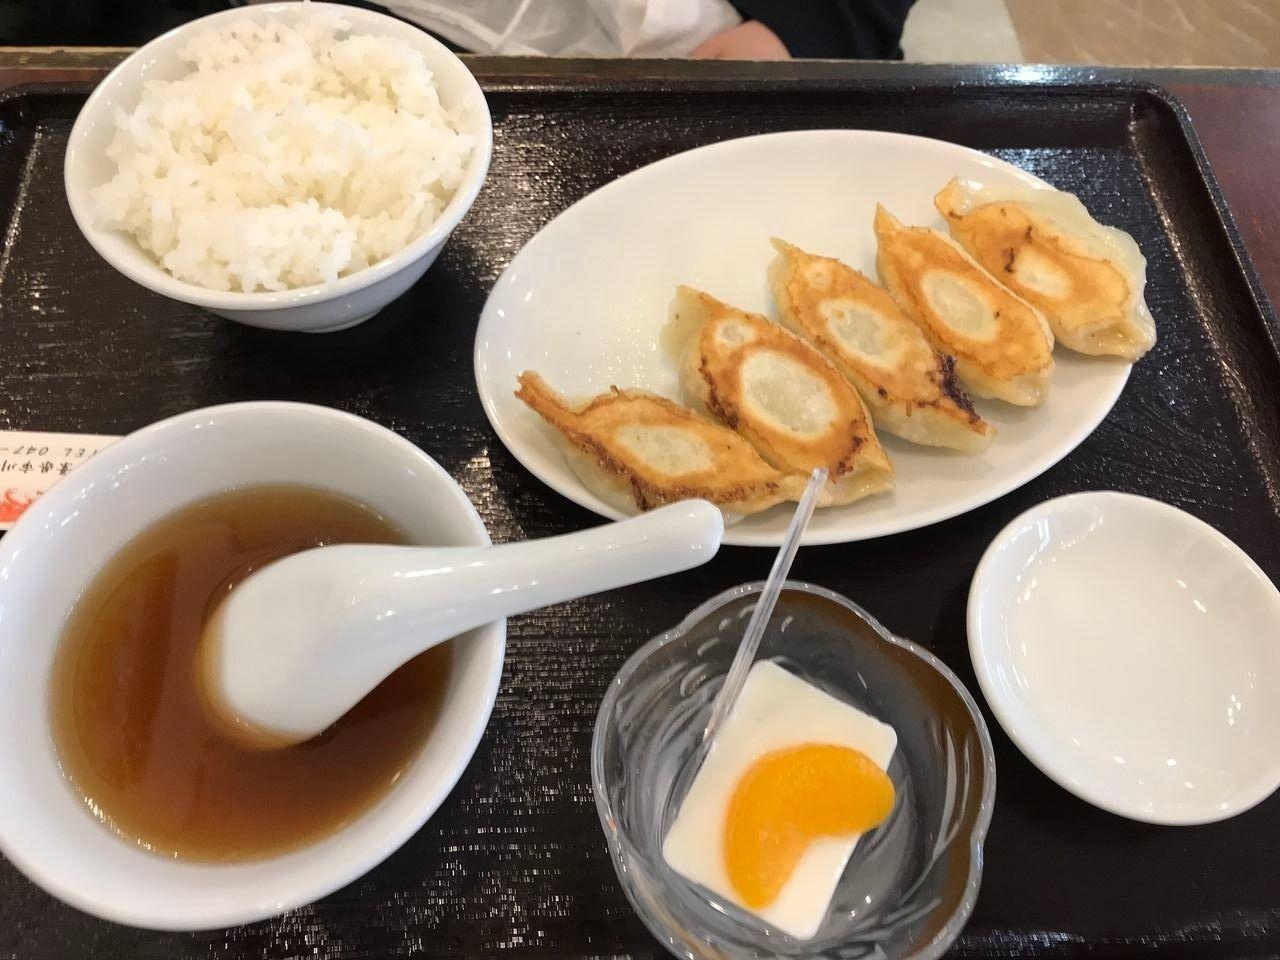 行徳の独一処餃子の餃子定食